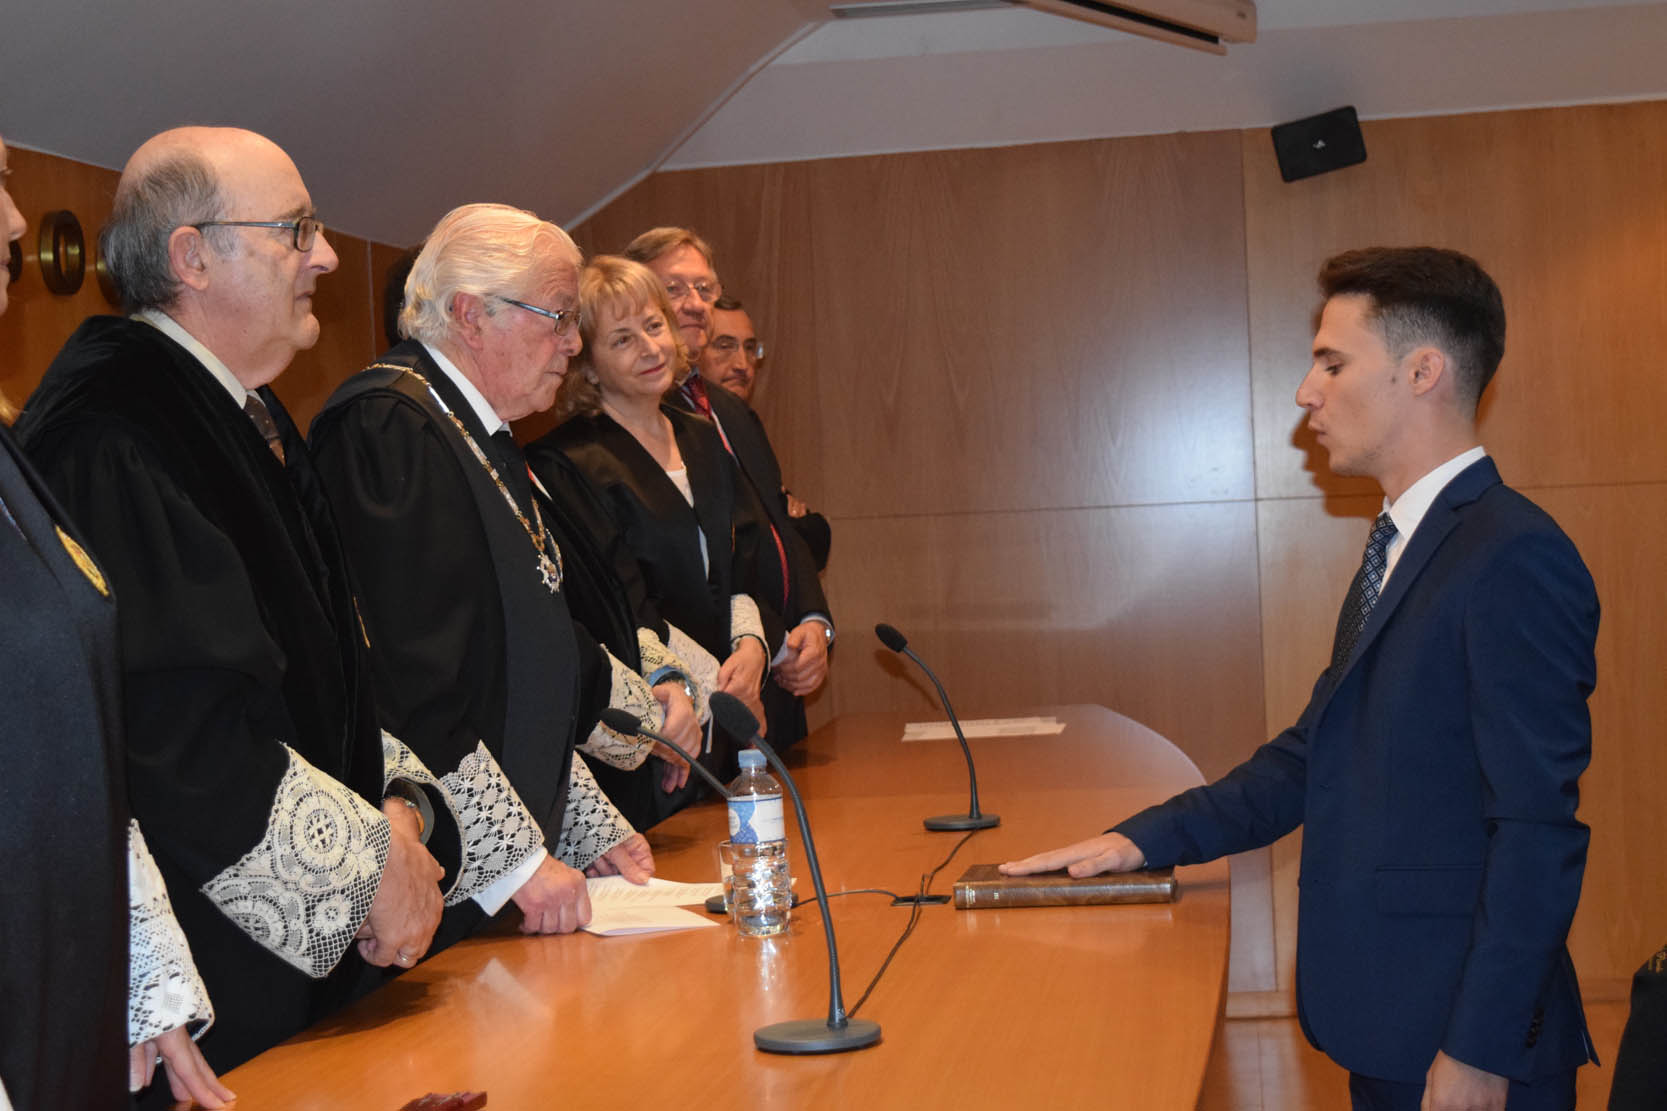 Momento de la jura de uno de los nuevos abogados.